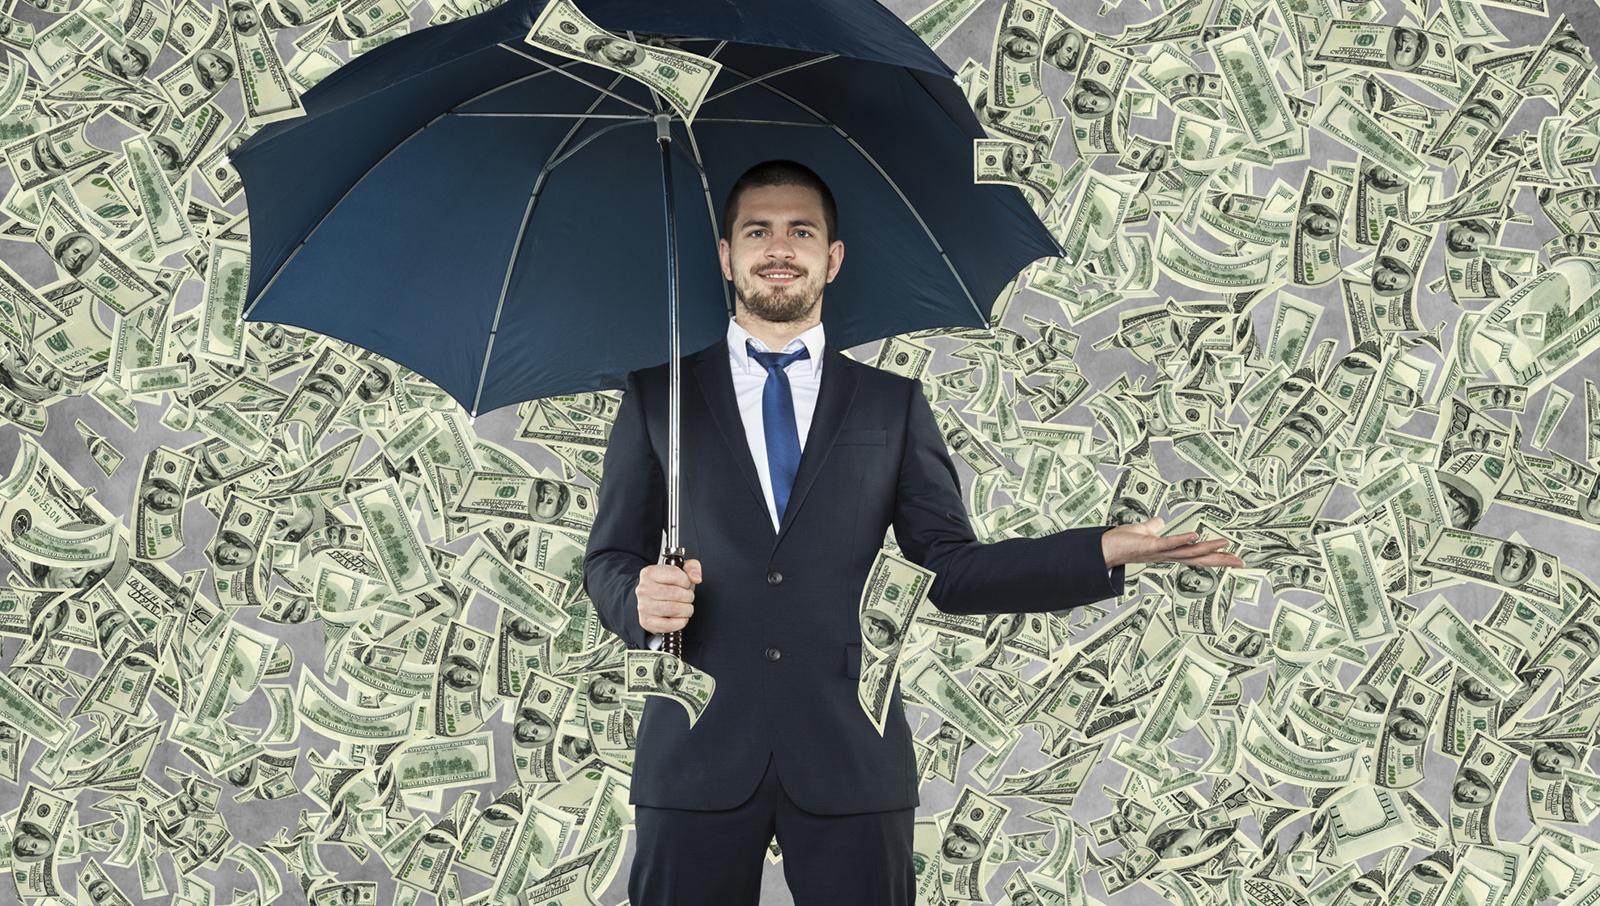 Bu Çalışmaya Göre Eşcinsel Erkeklerin En Çekici Bulduğu İki Nitelik: Para ve Kas!